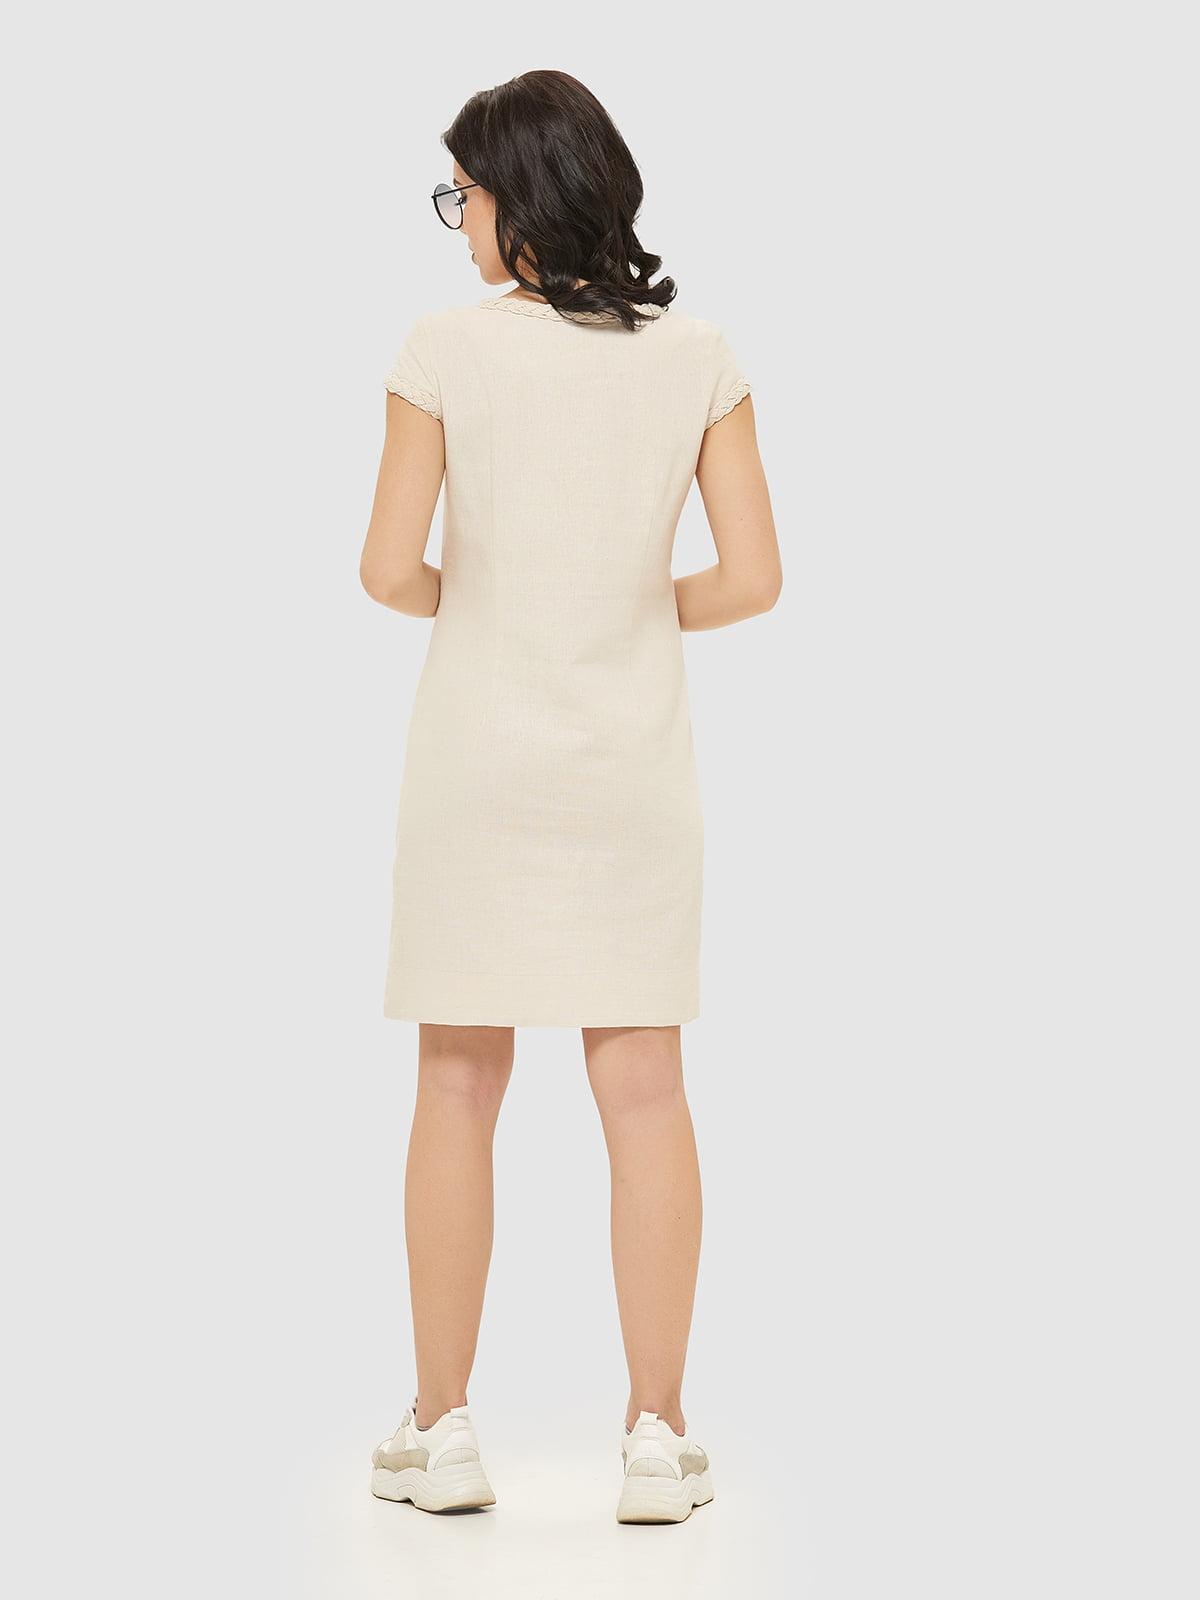 Сукня бежева   5075473   фото 2